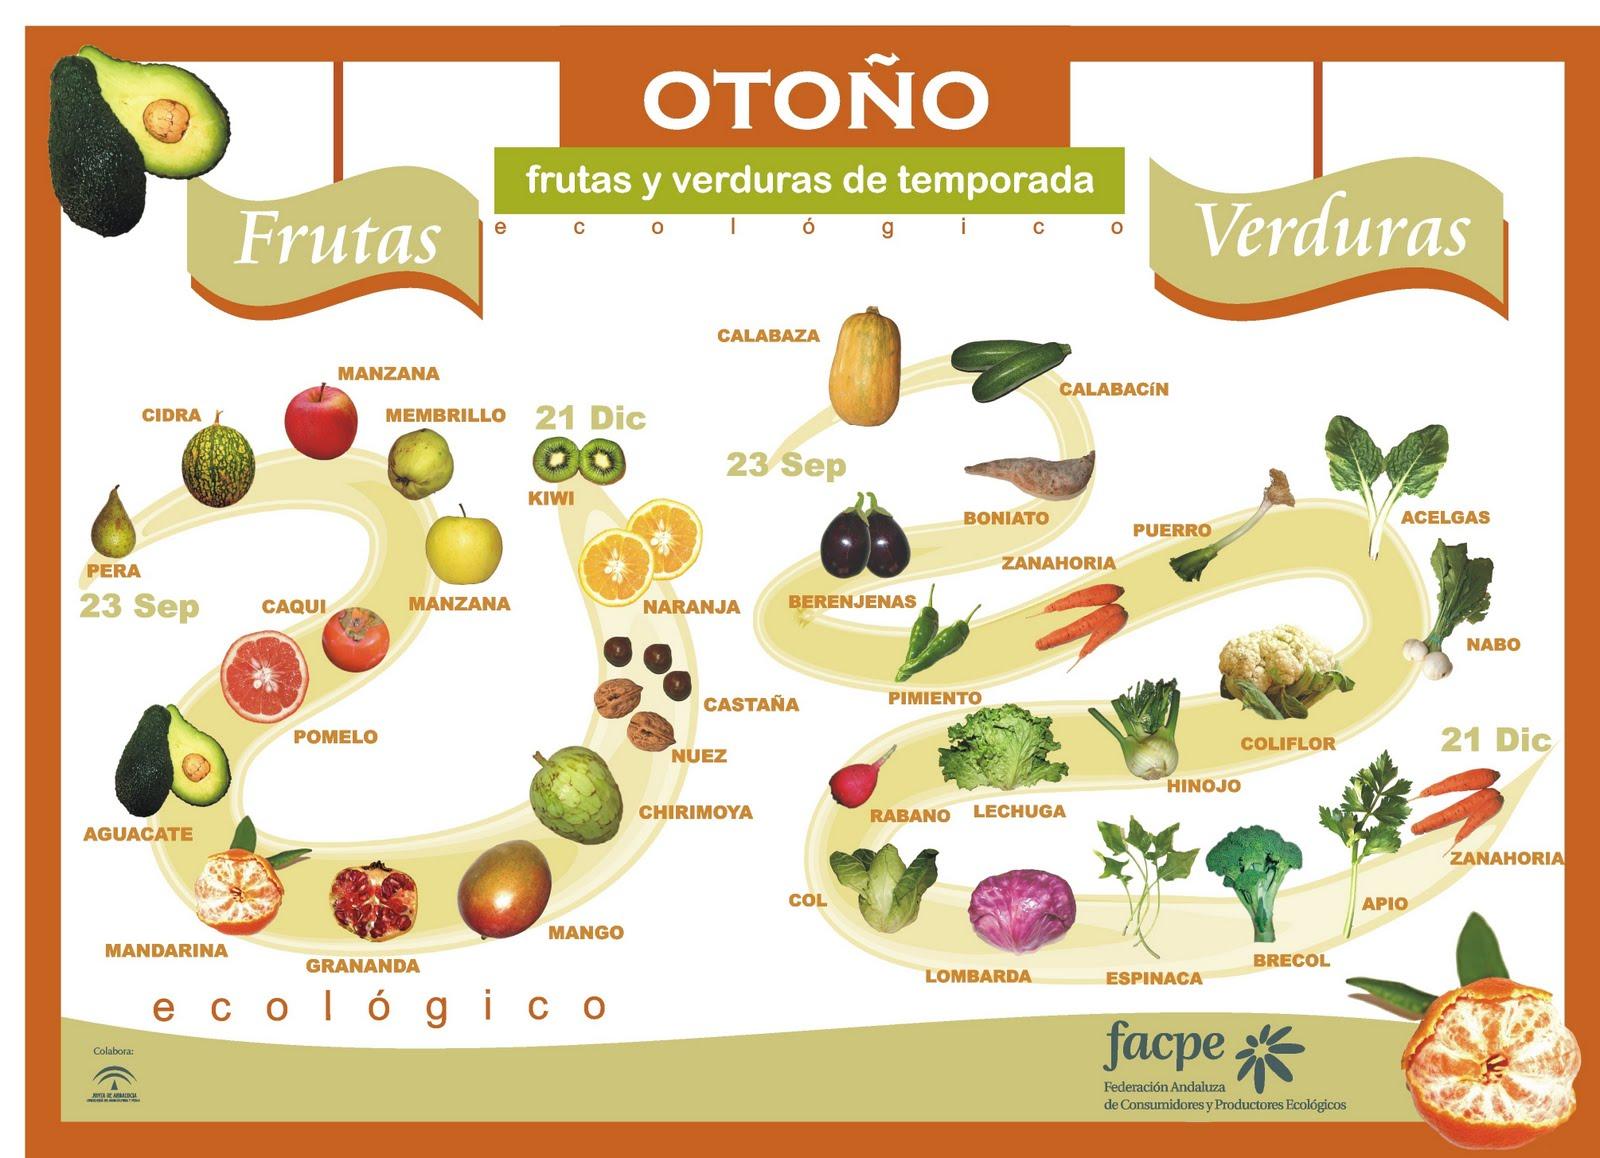 Frutas y Verduras - Otoño